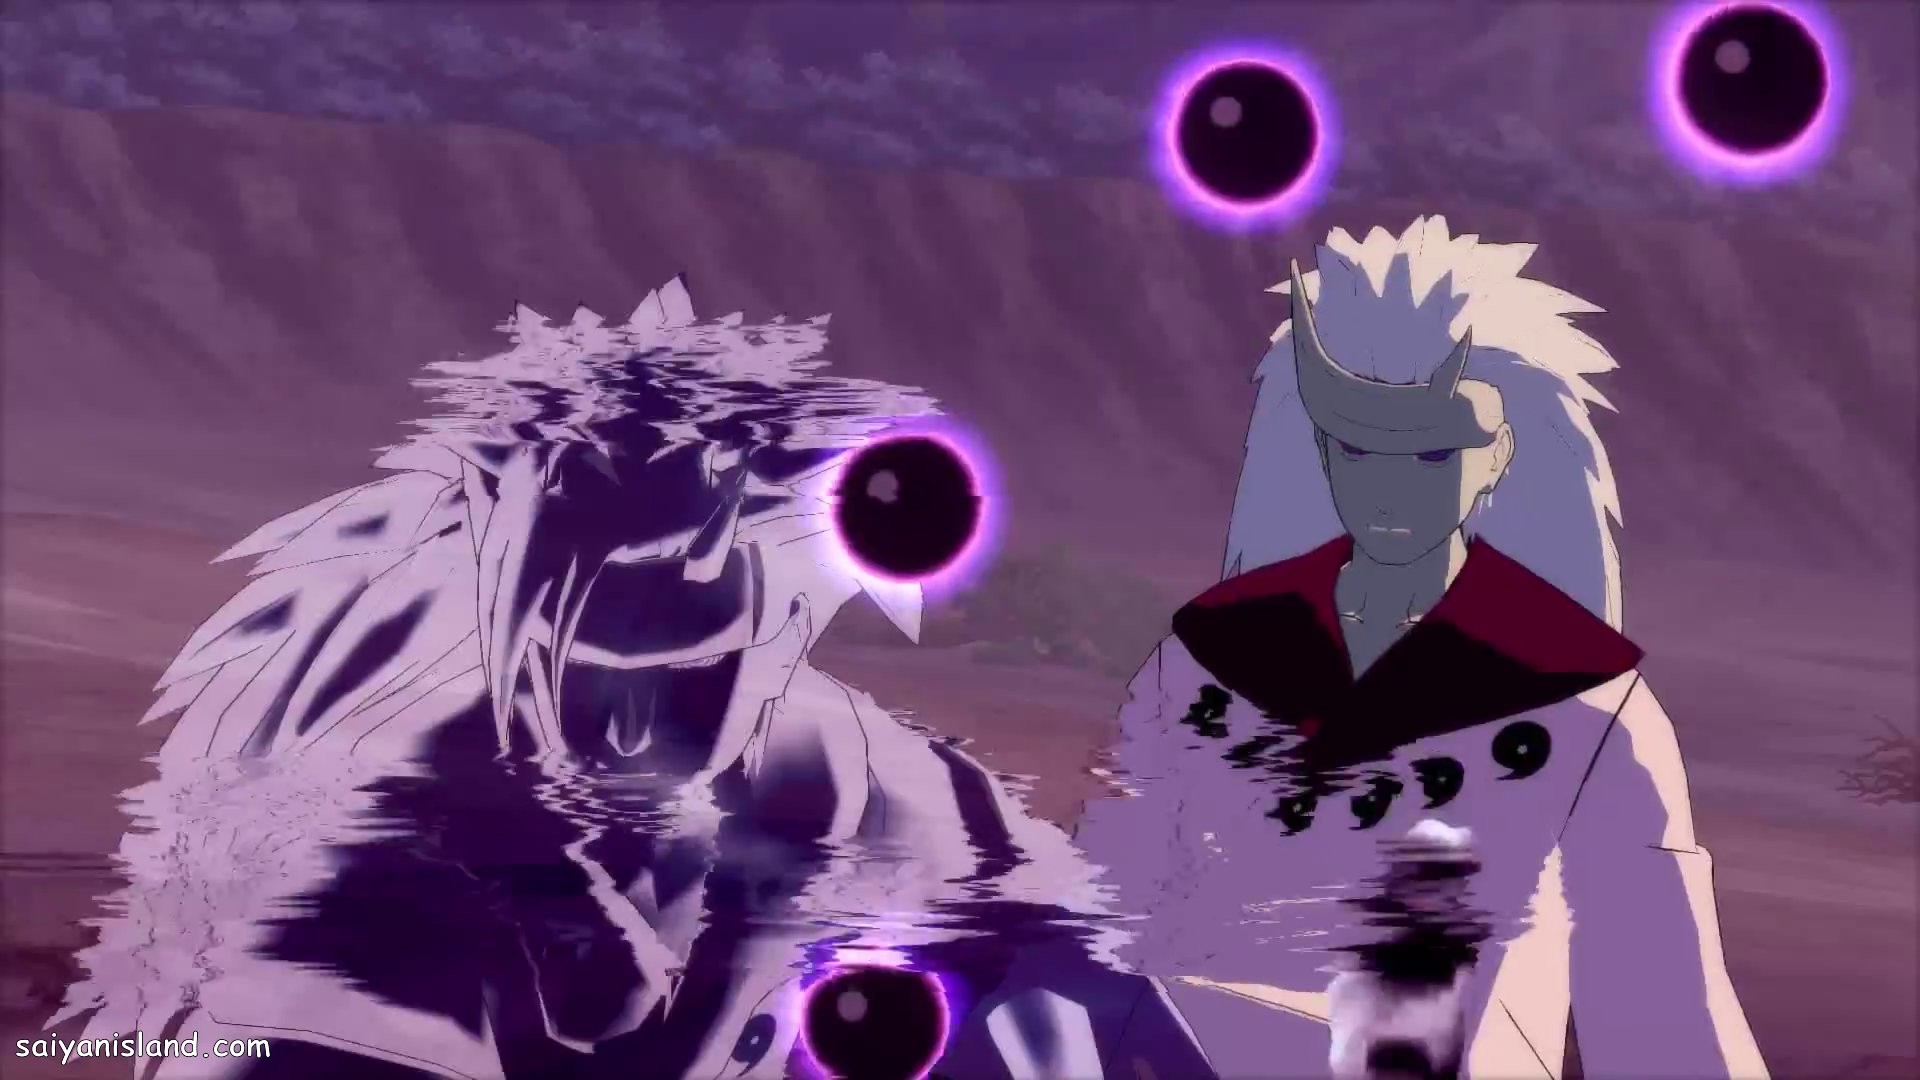 Good Wallpaper Naruto Purple 930790 Naruto And Sasuke Vs Madara